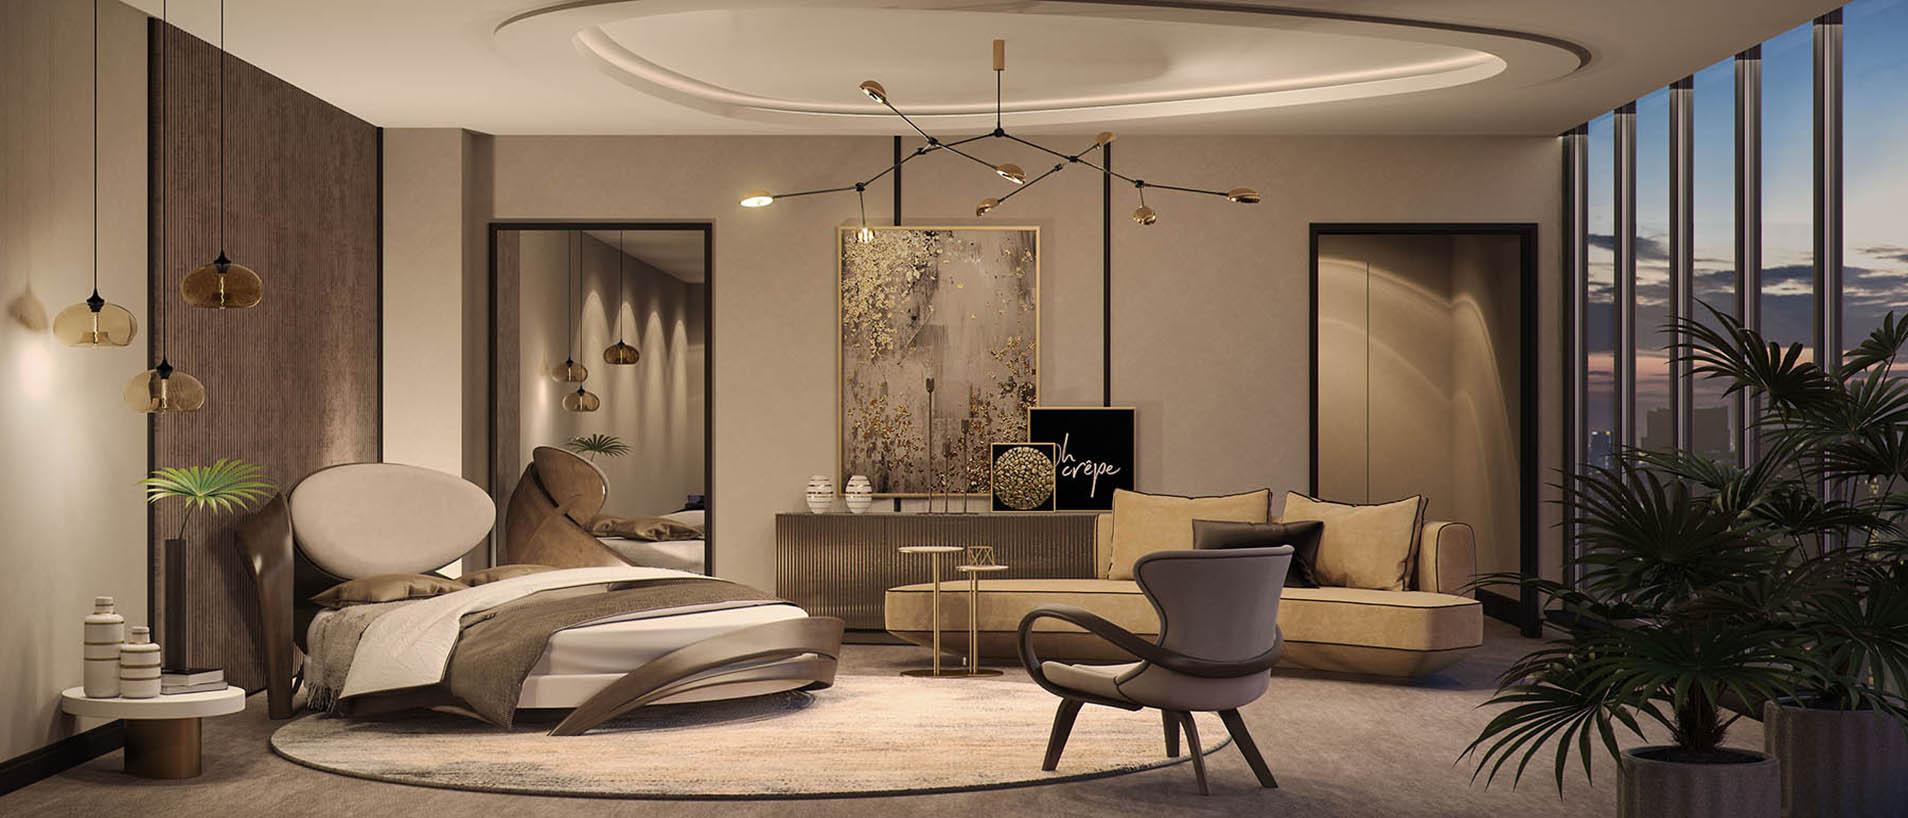 Спальня с радиусным диваном и круглой кроватью